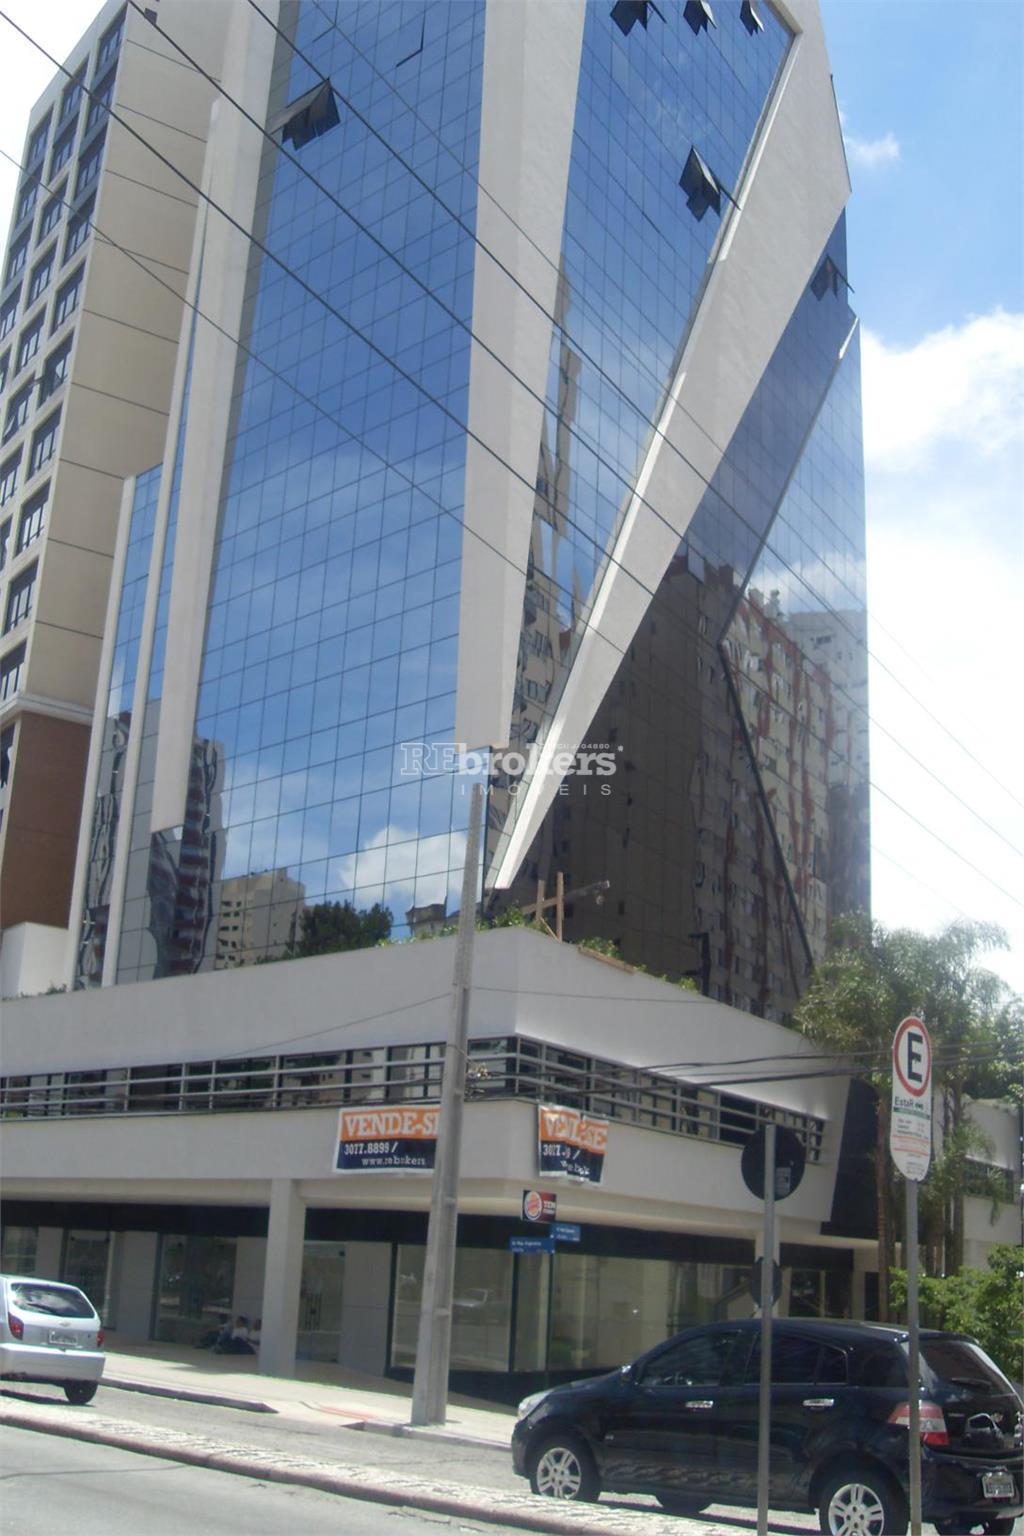 Conjunto comercial para locação, 54m2, Água Verde, Curitiba, REbrokers